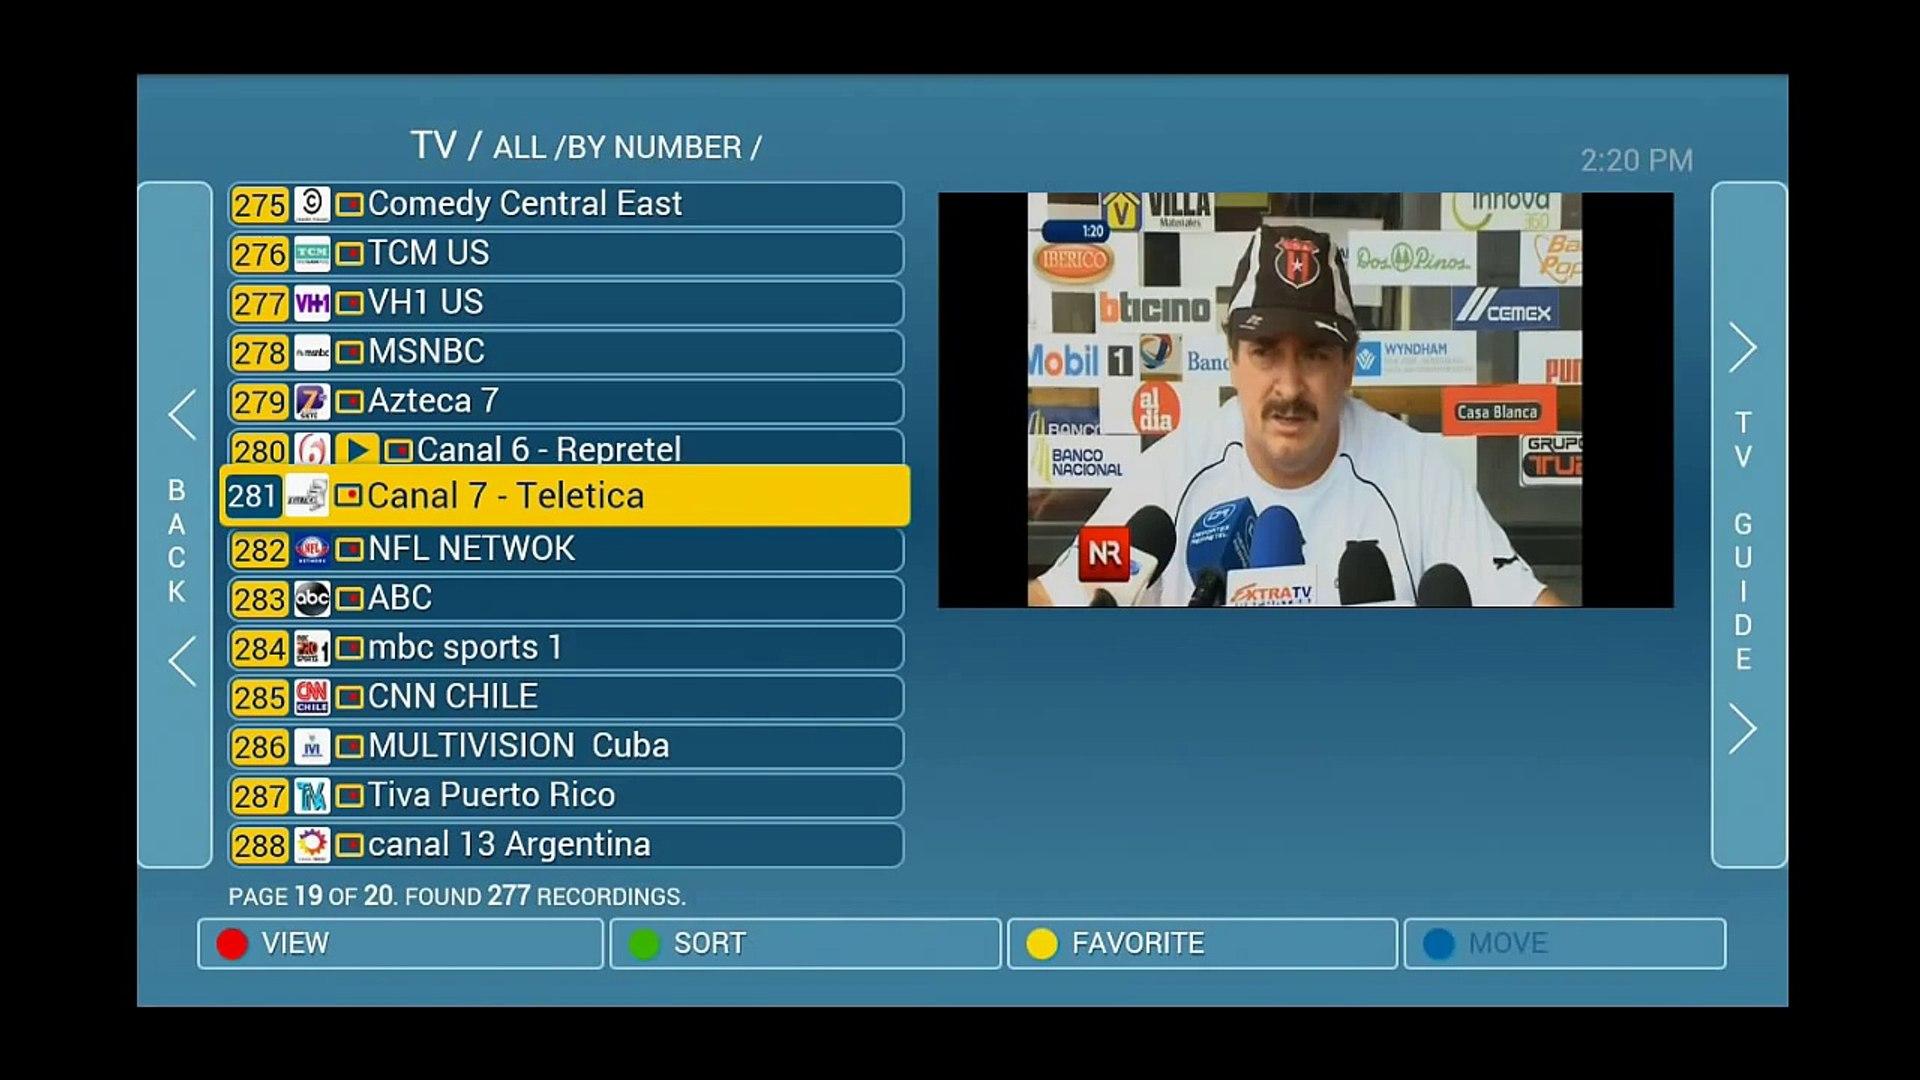 Configurando IPTV en MAG 250 con emulador / Android 4 2 2